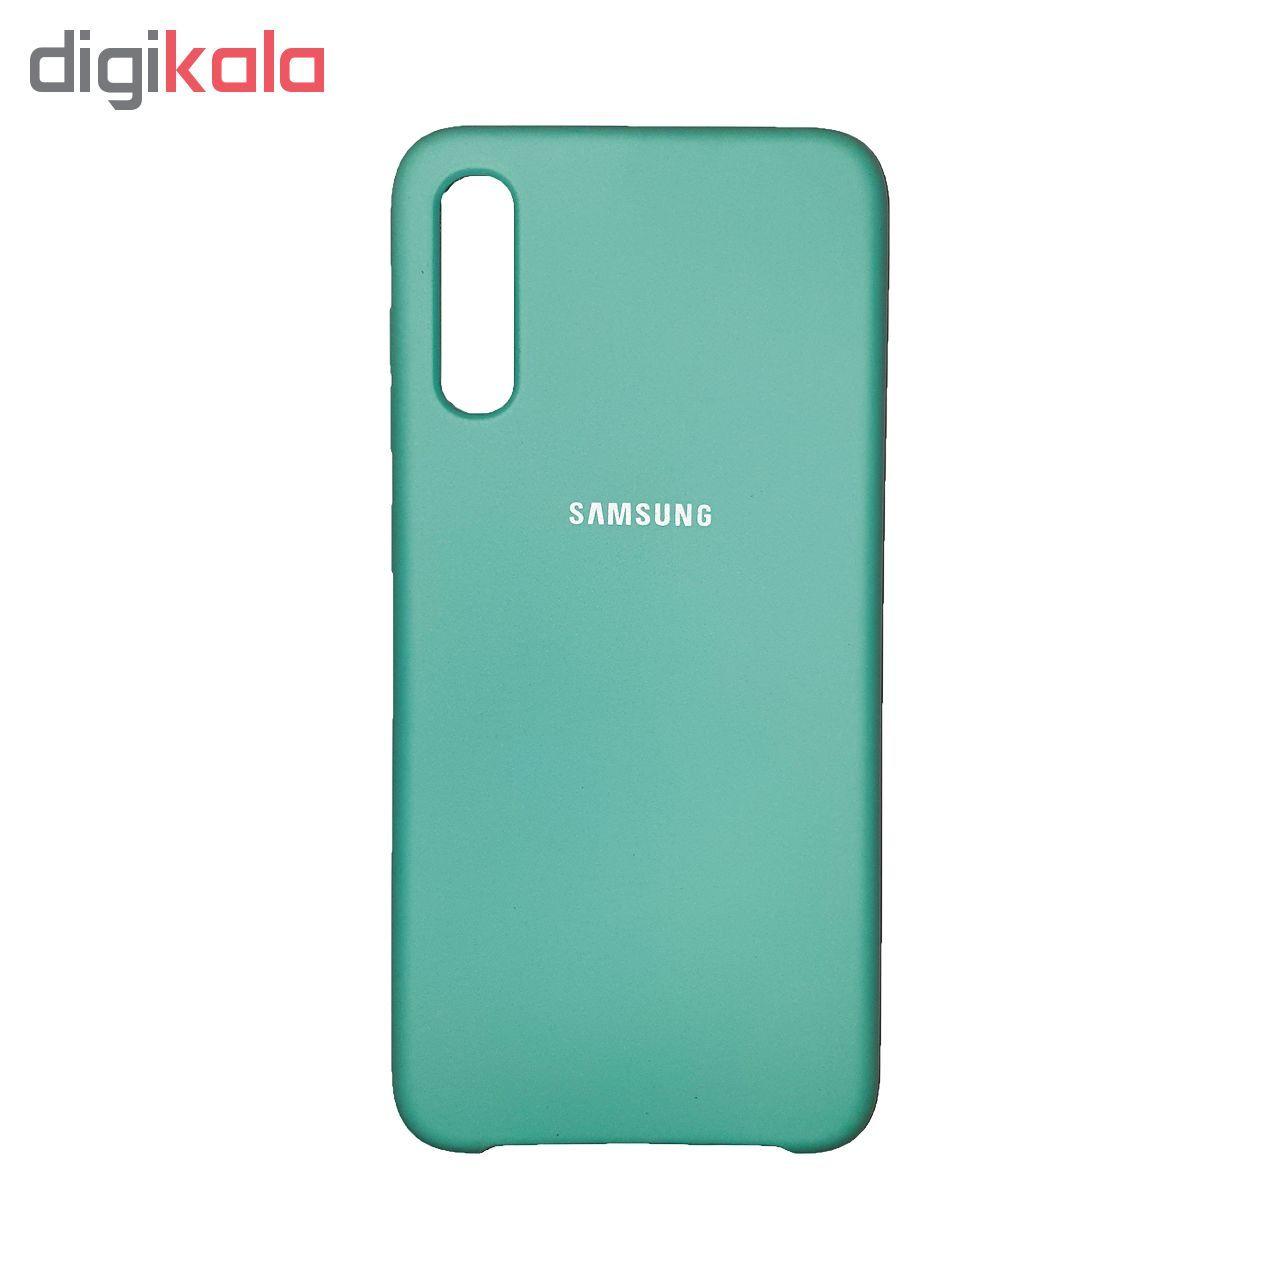 کاور سامسونگ مدل Slc مناسب برای گوشی موبایل سامسونگ Galaxy A70 main 1 3